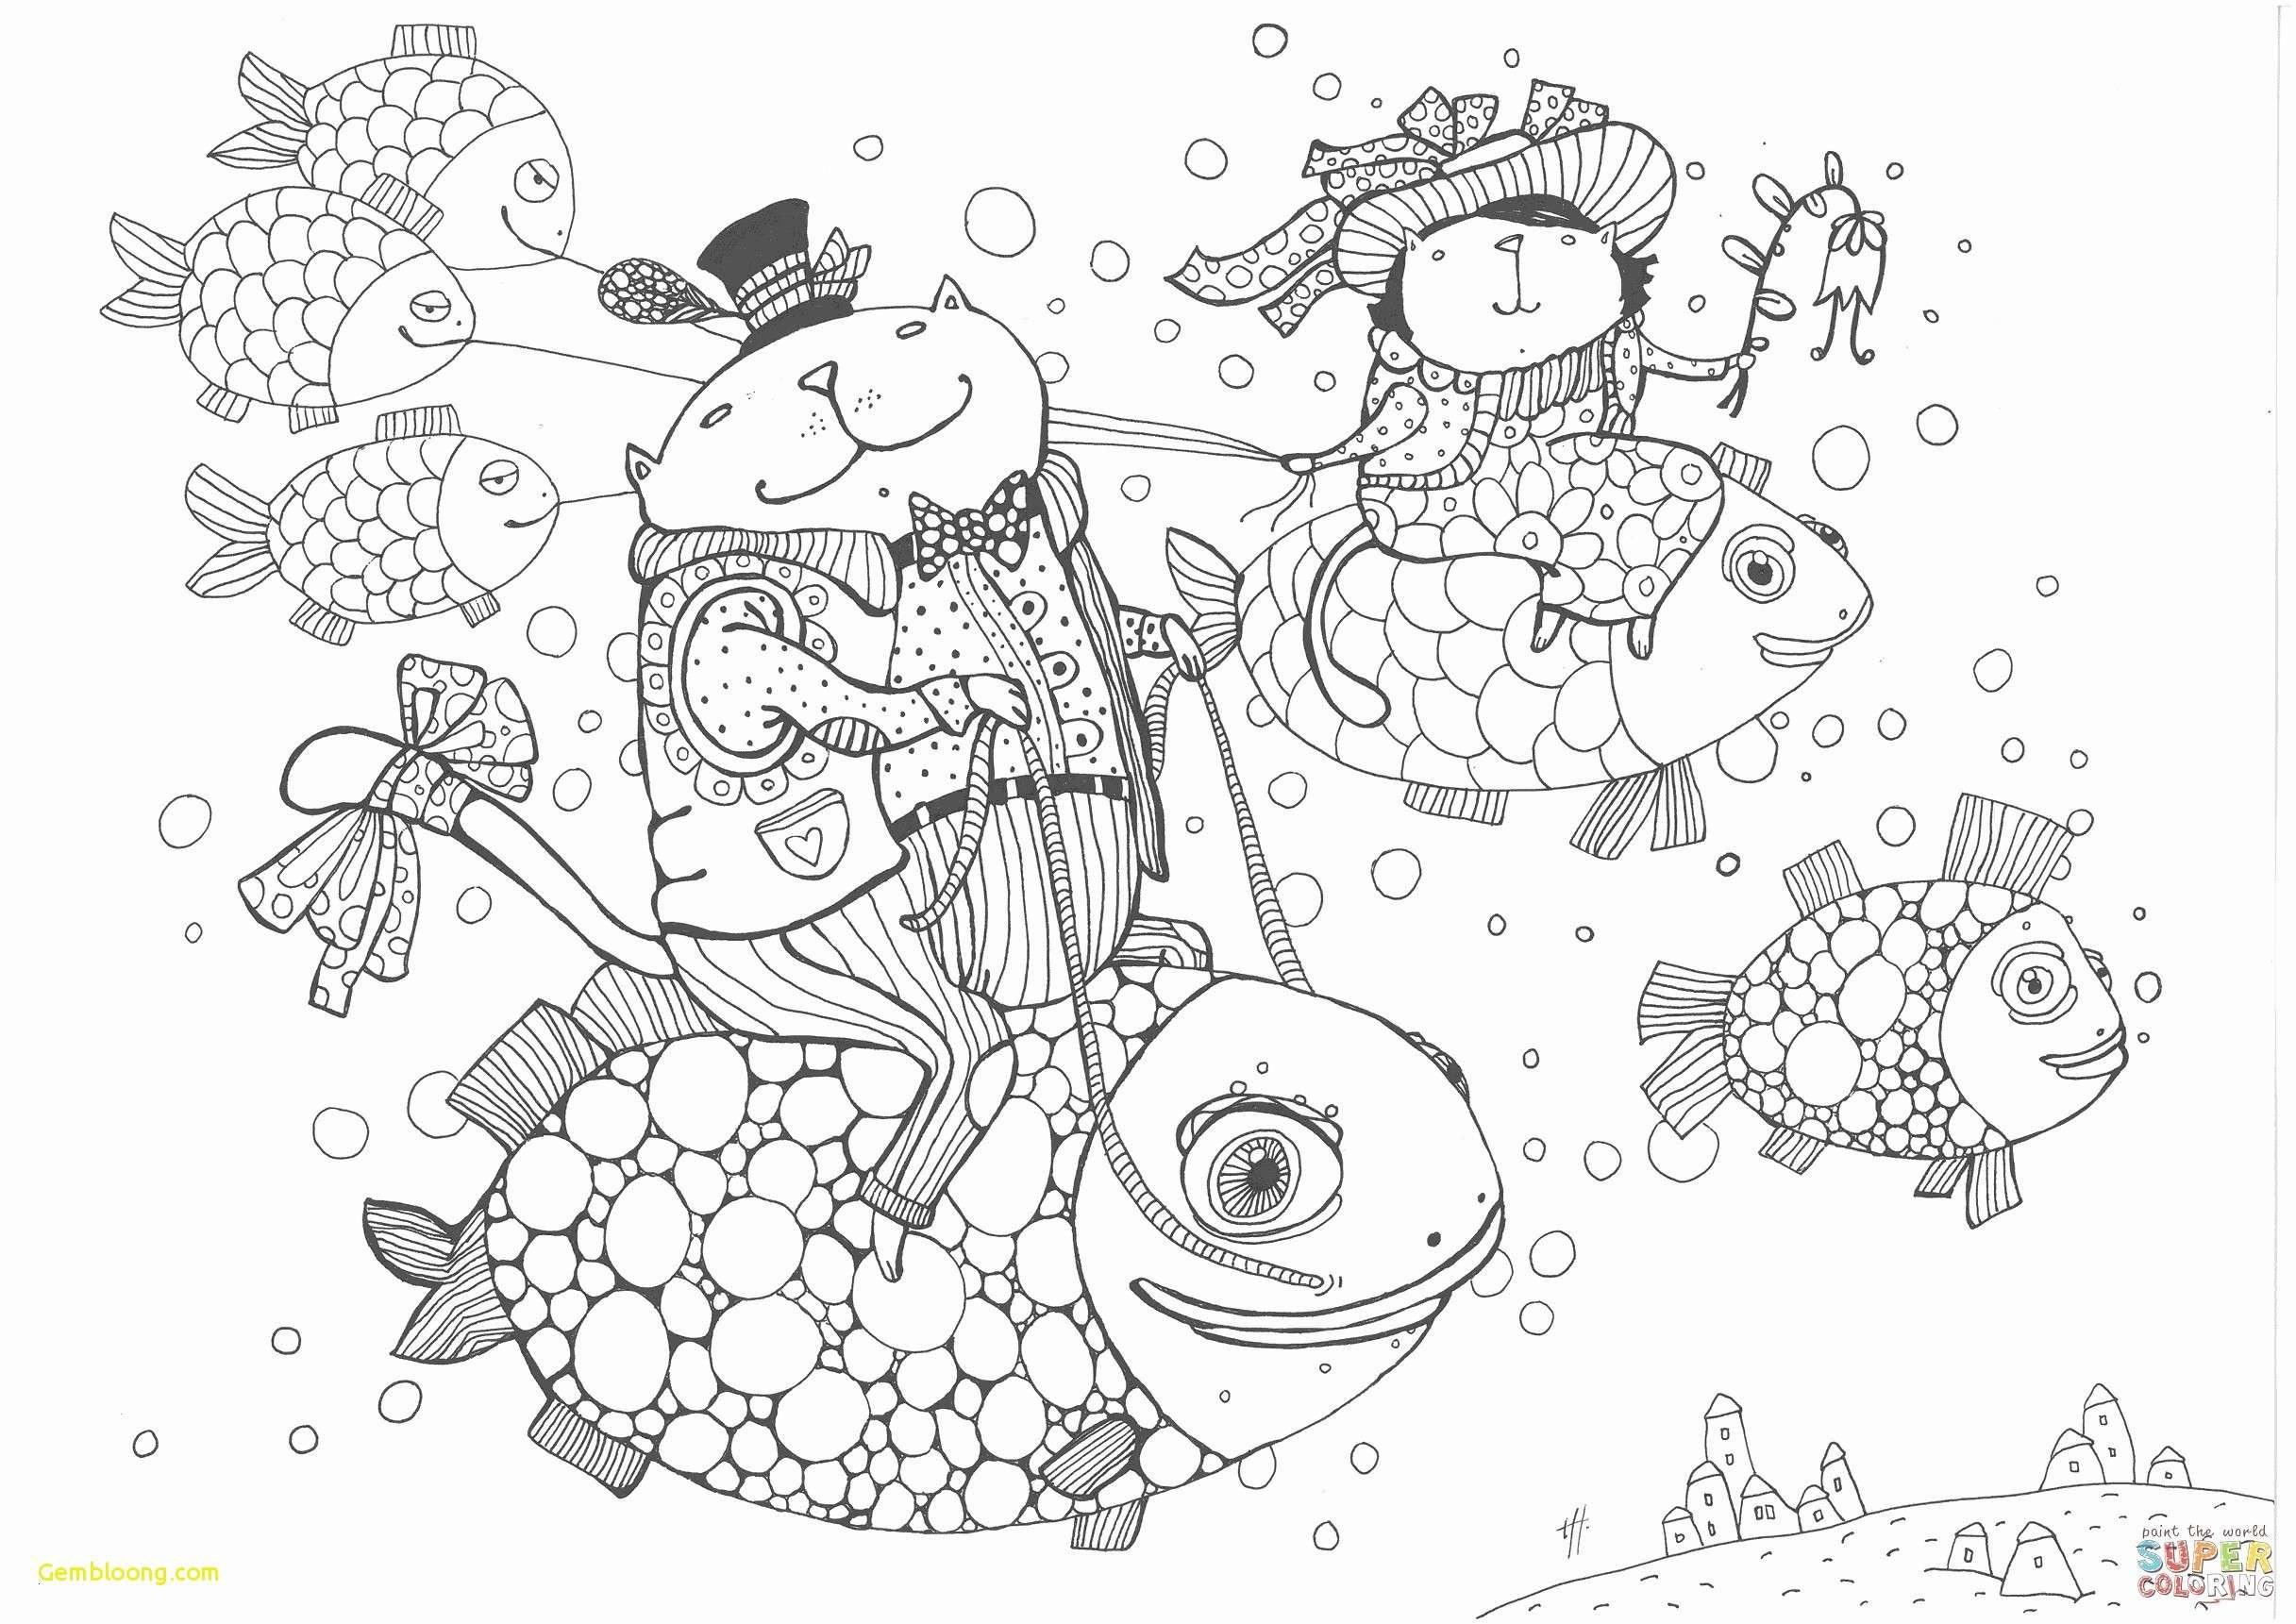 Micky Maus Malvorlage Das Beste Von 35 Pilze Malvorlagen Scoredatscore Best Micky Maus Ausmalbilder Das Bild